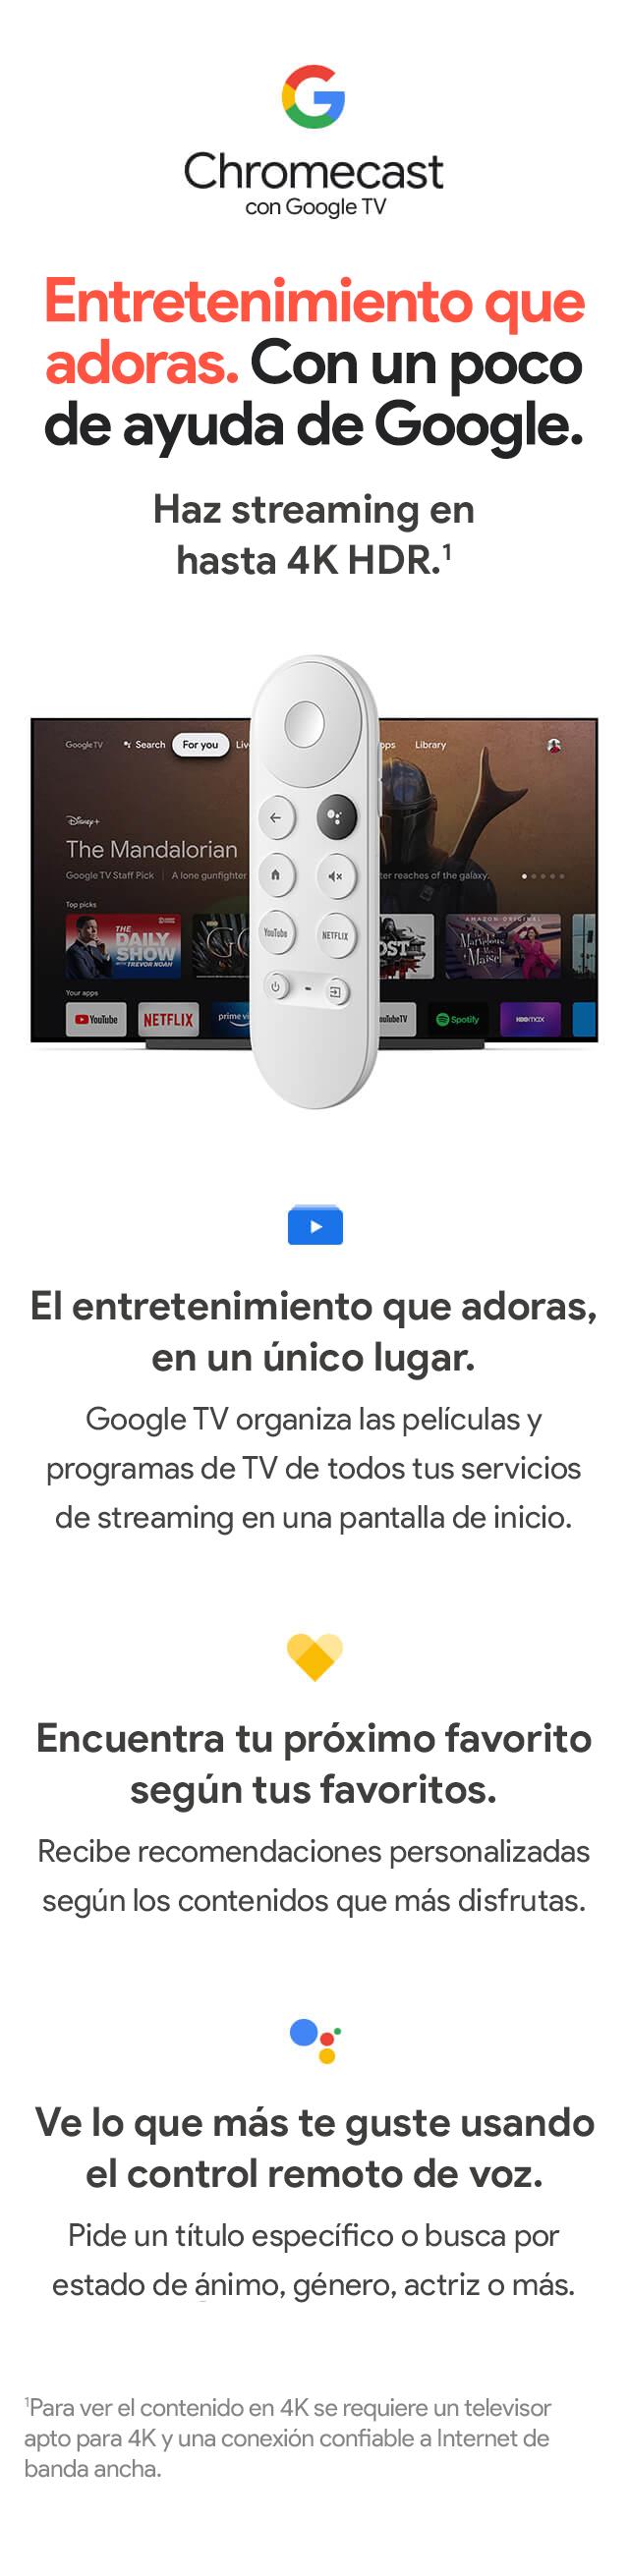 Presentación de Chromecast